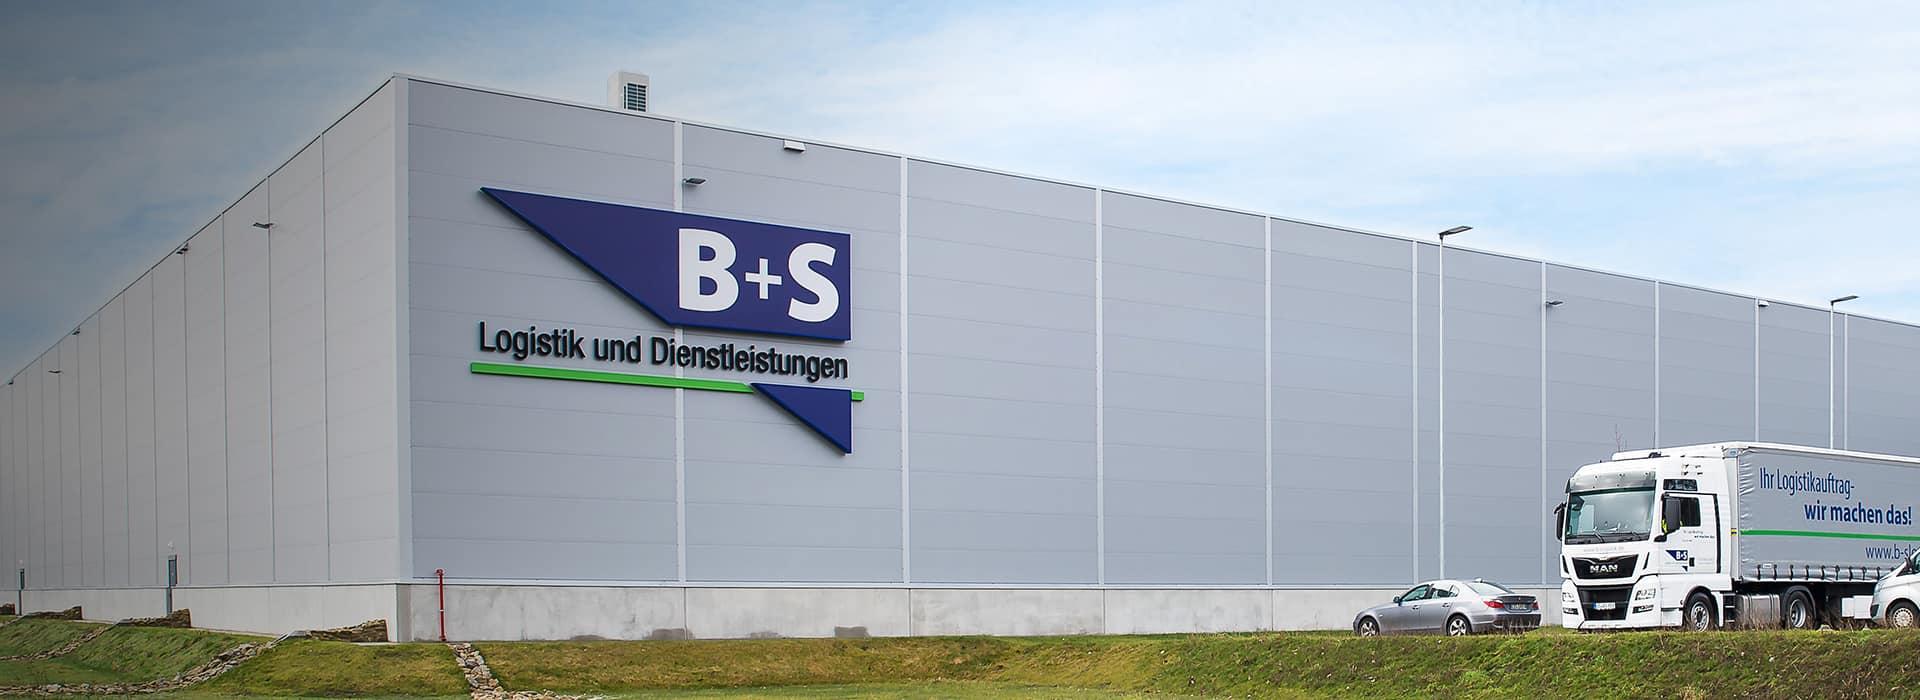 B+S eröffnet neuen Standort in Bielefeld.